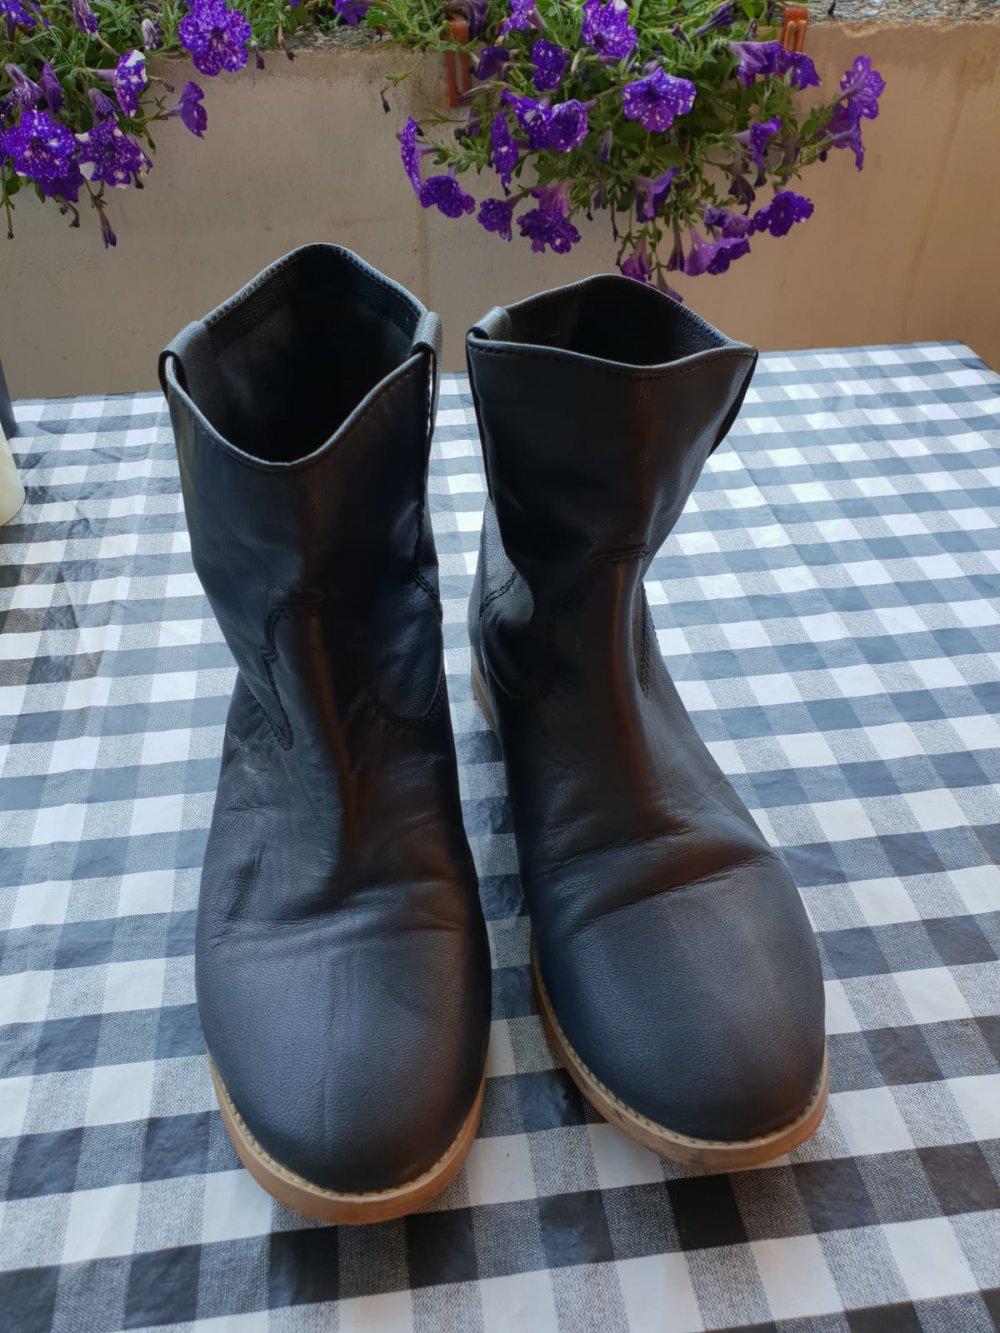 NEU & UNGETRAGEN Stiefeletten Stiefel Schuhe WGT Gothic Schwarz